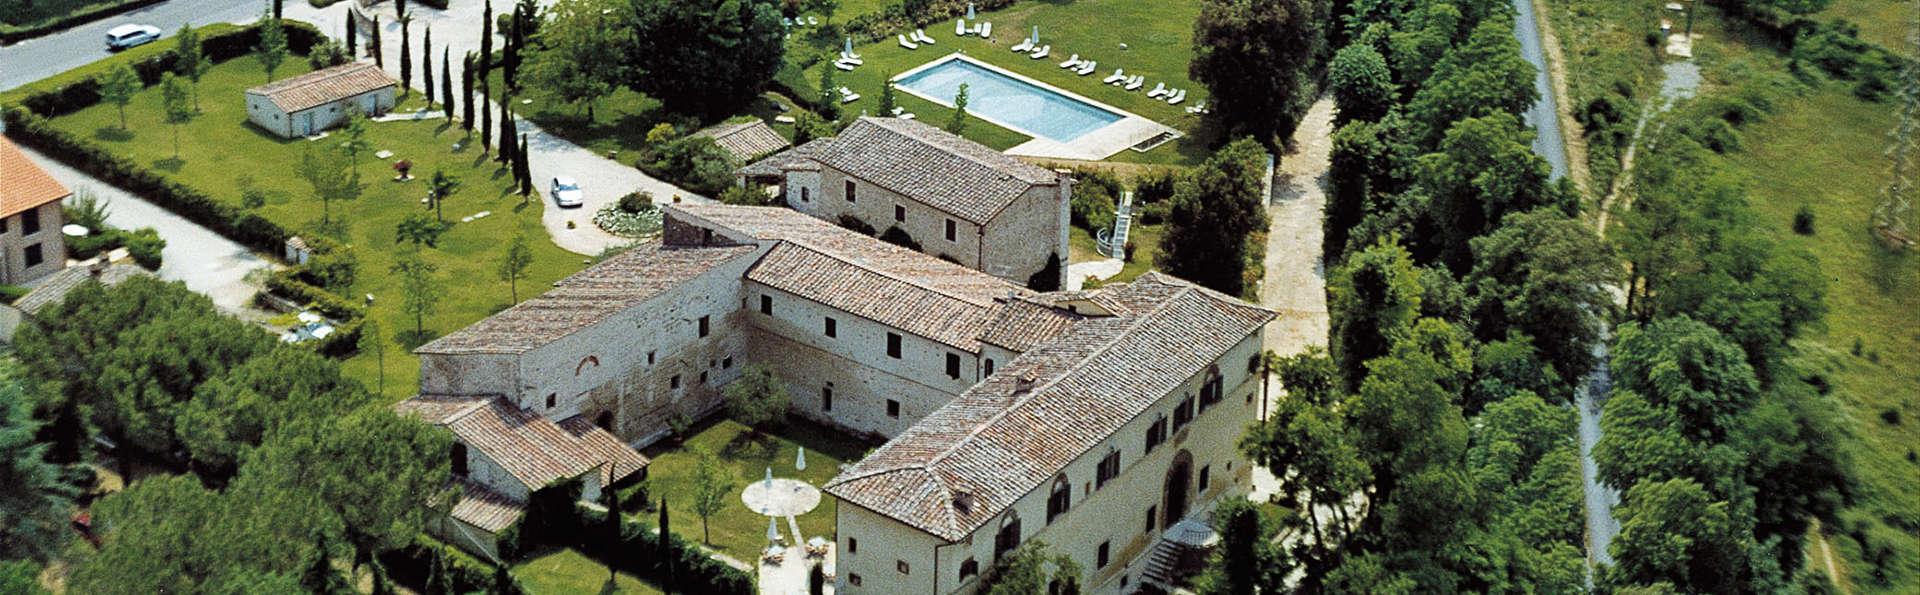 Relais della Rovere - EDIT_toscana.jpg